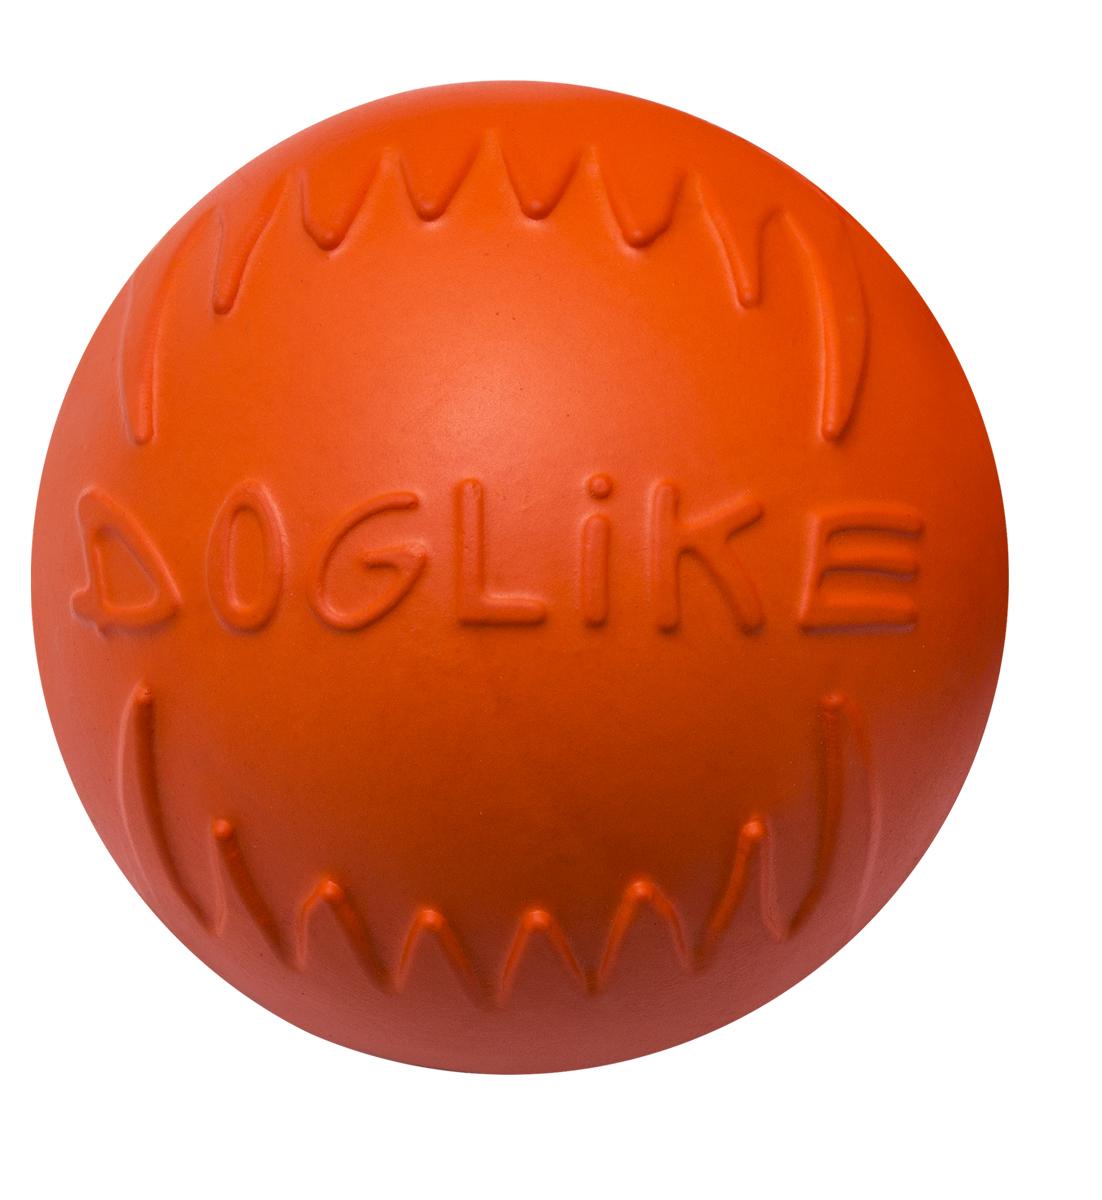 Игрушка для животных Doglike Мяч, диаметр 10 смDM-7343Сохраняет эластичность -50 +50,Усиленная формула материала,Не тонет в воде,Безопасно для зубов собаки,Экологически чистый материал,Производство Россия